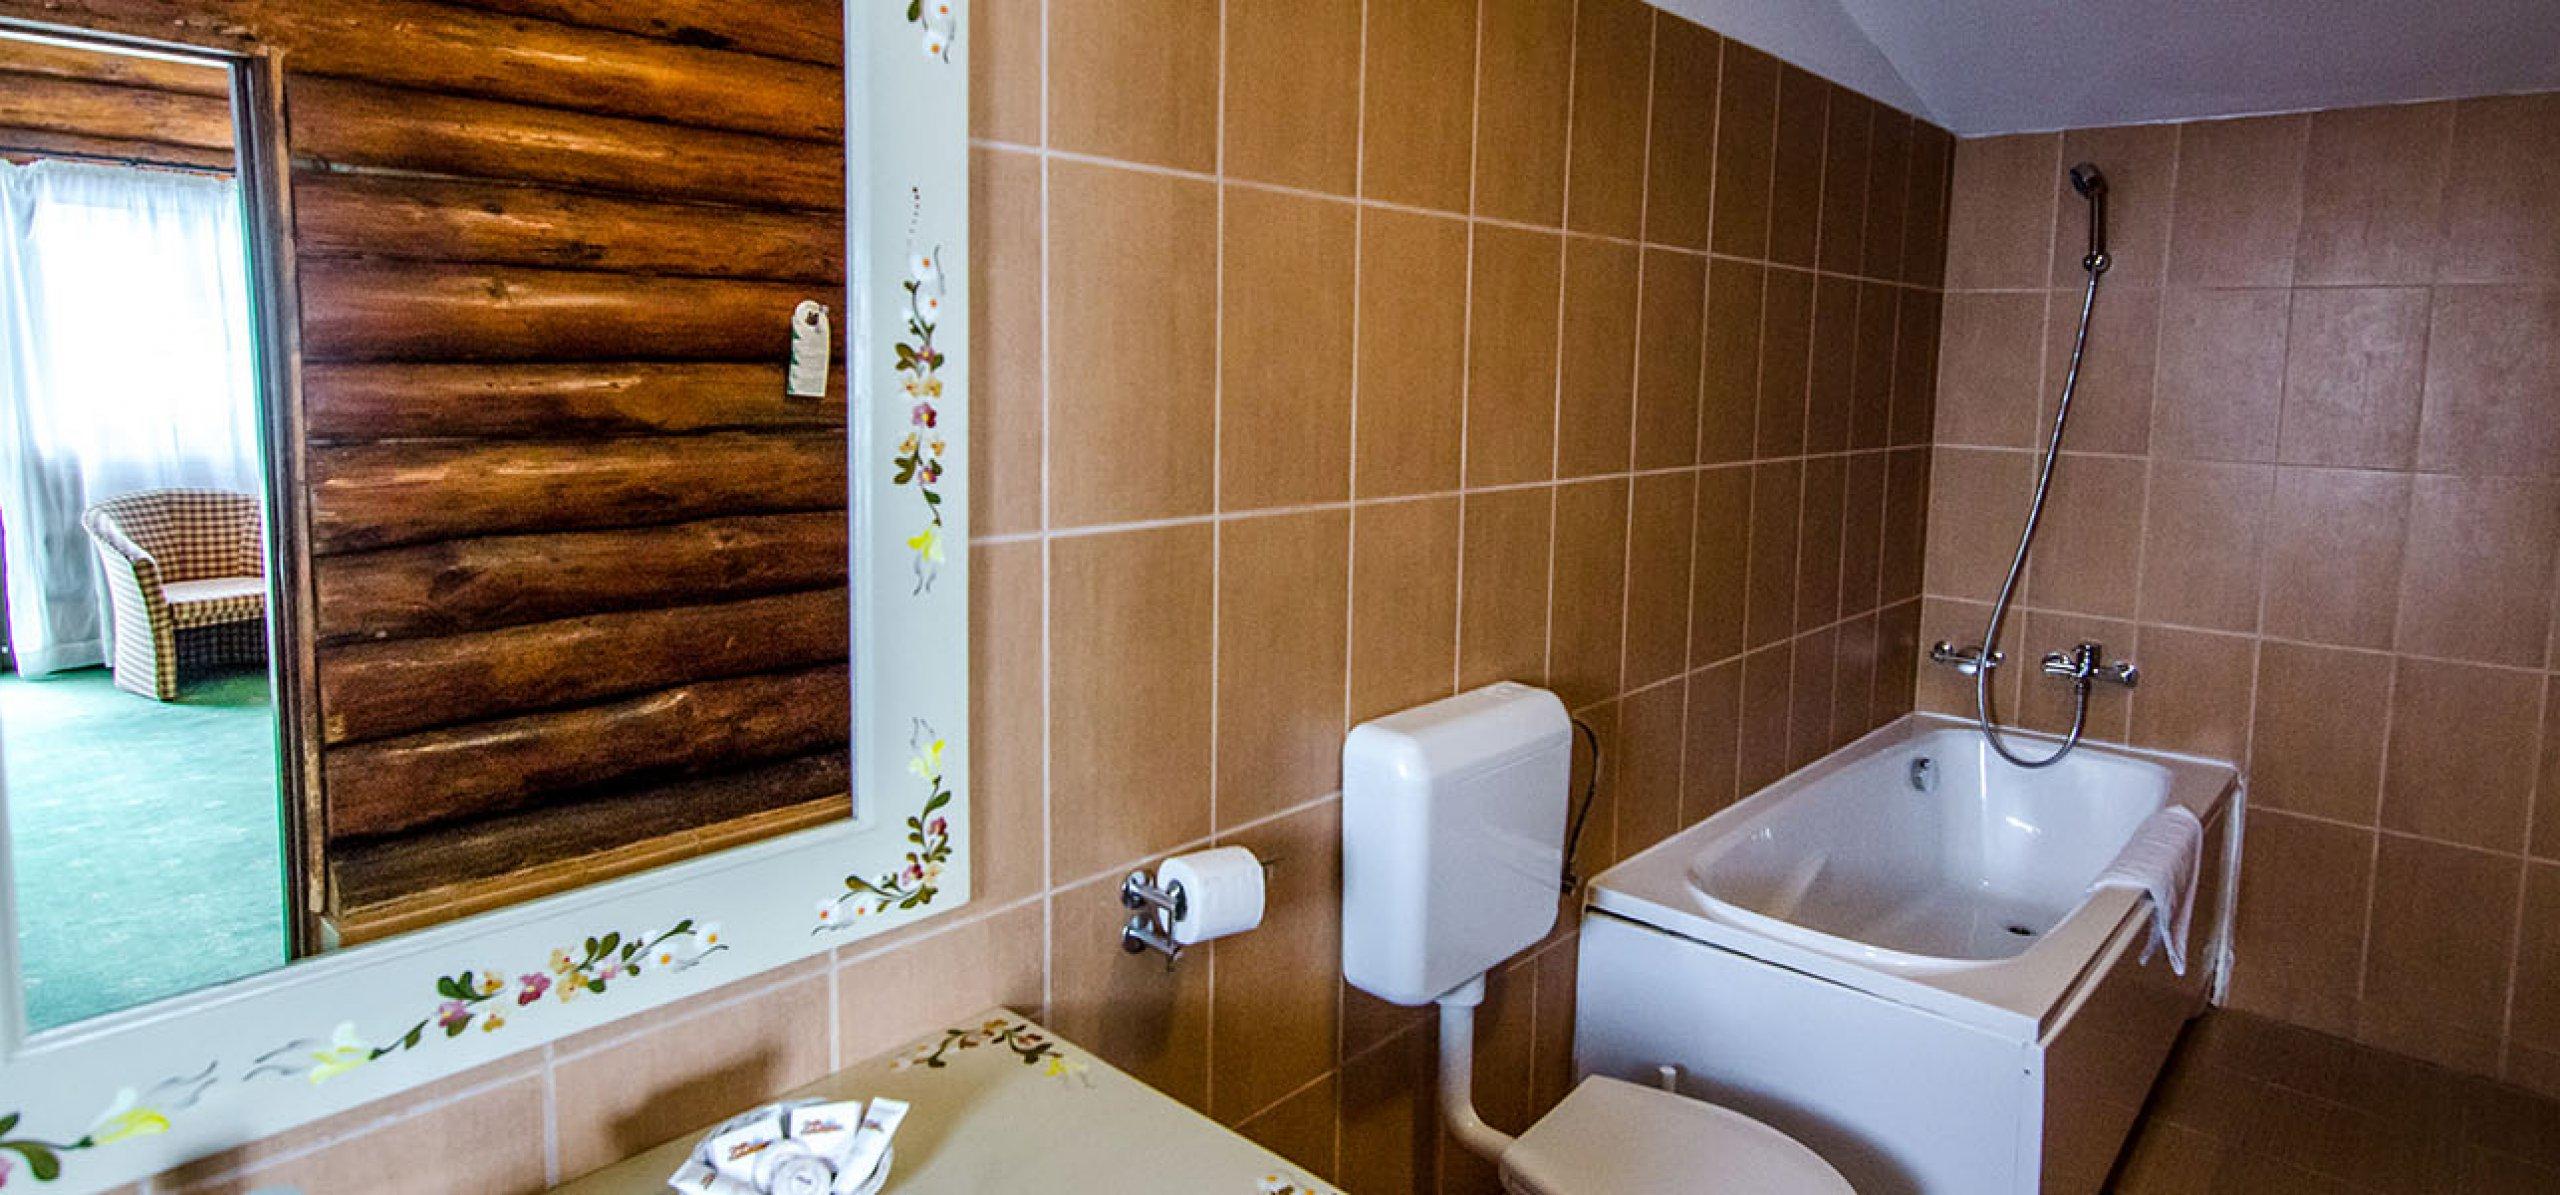 grup-sanitar-vila-bujorul-cheile-gradistei-fundata